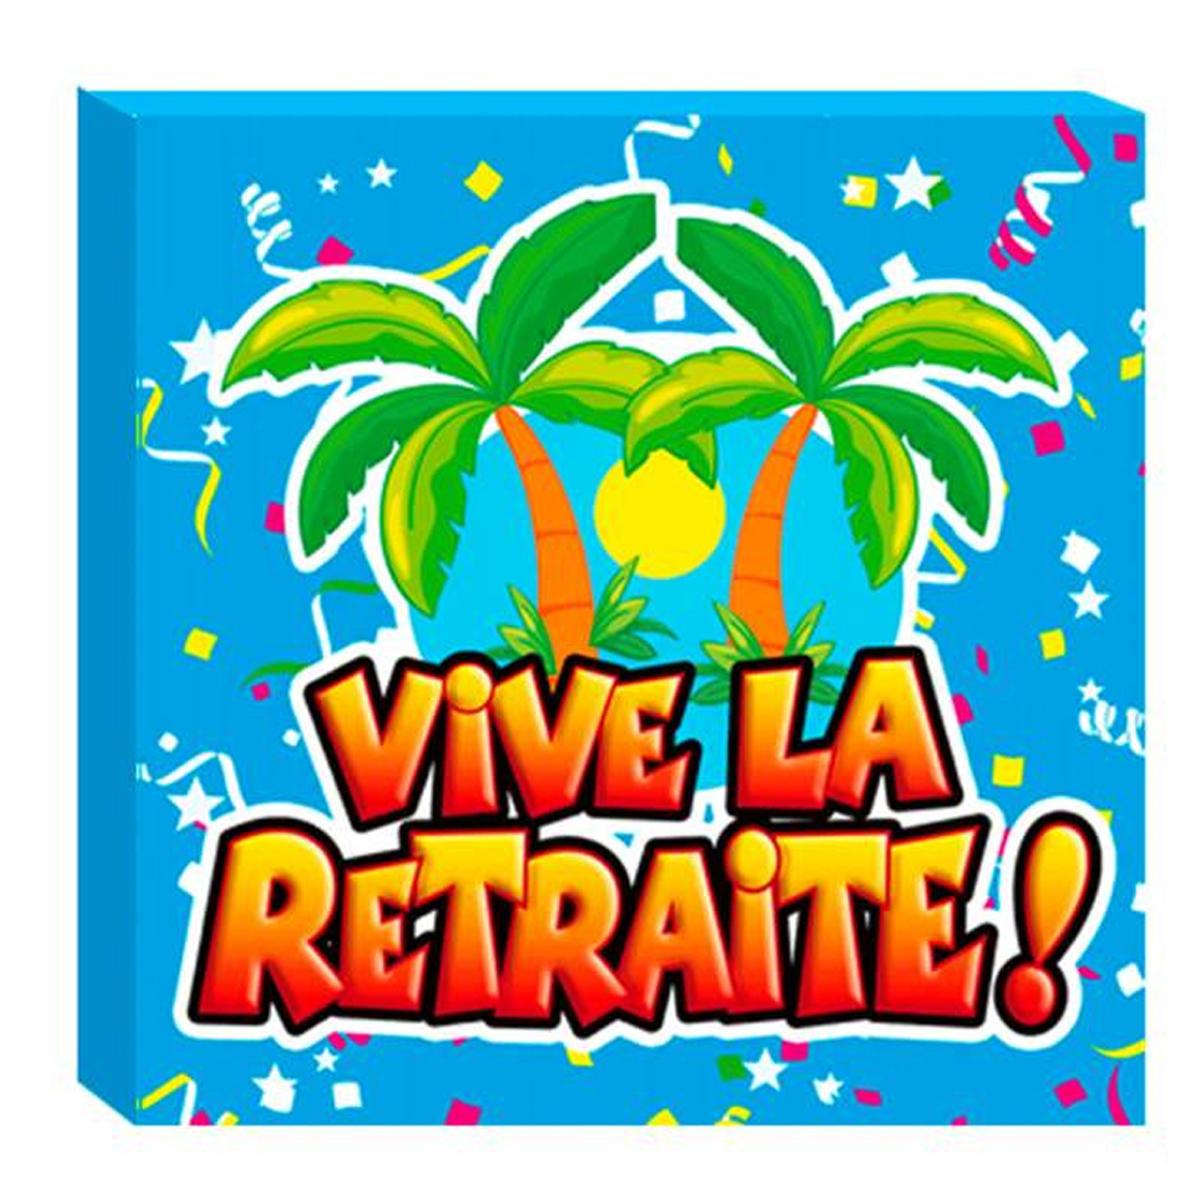 Pack de 20 serviettes en papier \'Vive la Retraite !\' multicolore - 165x165 cm - [A0460]